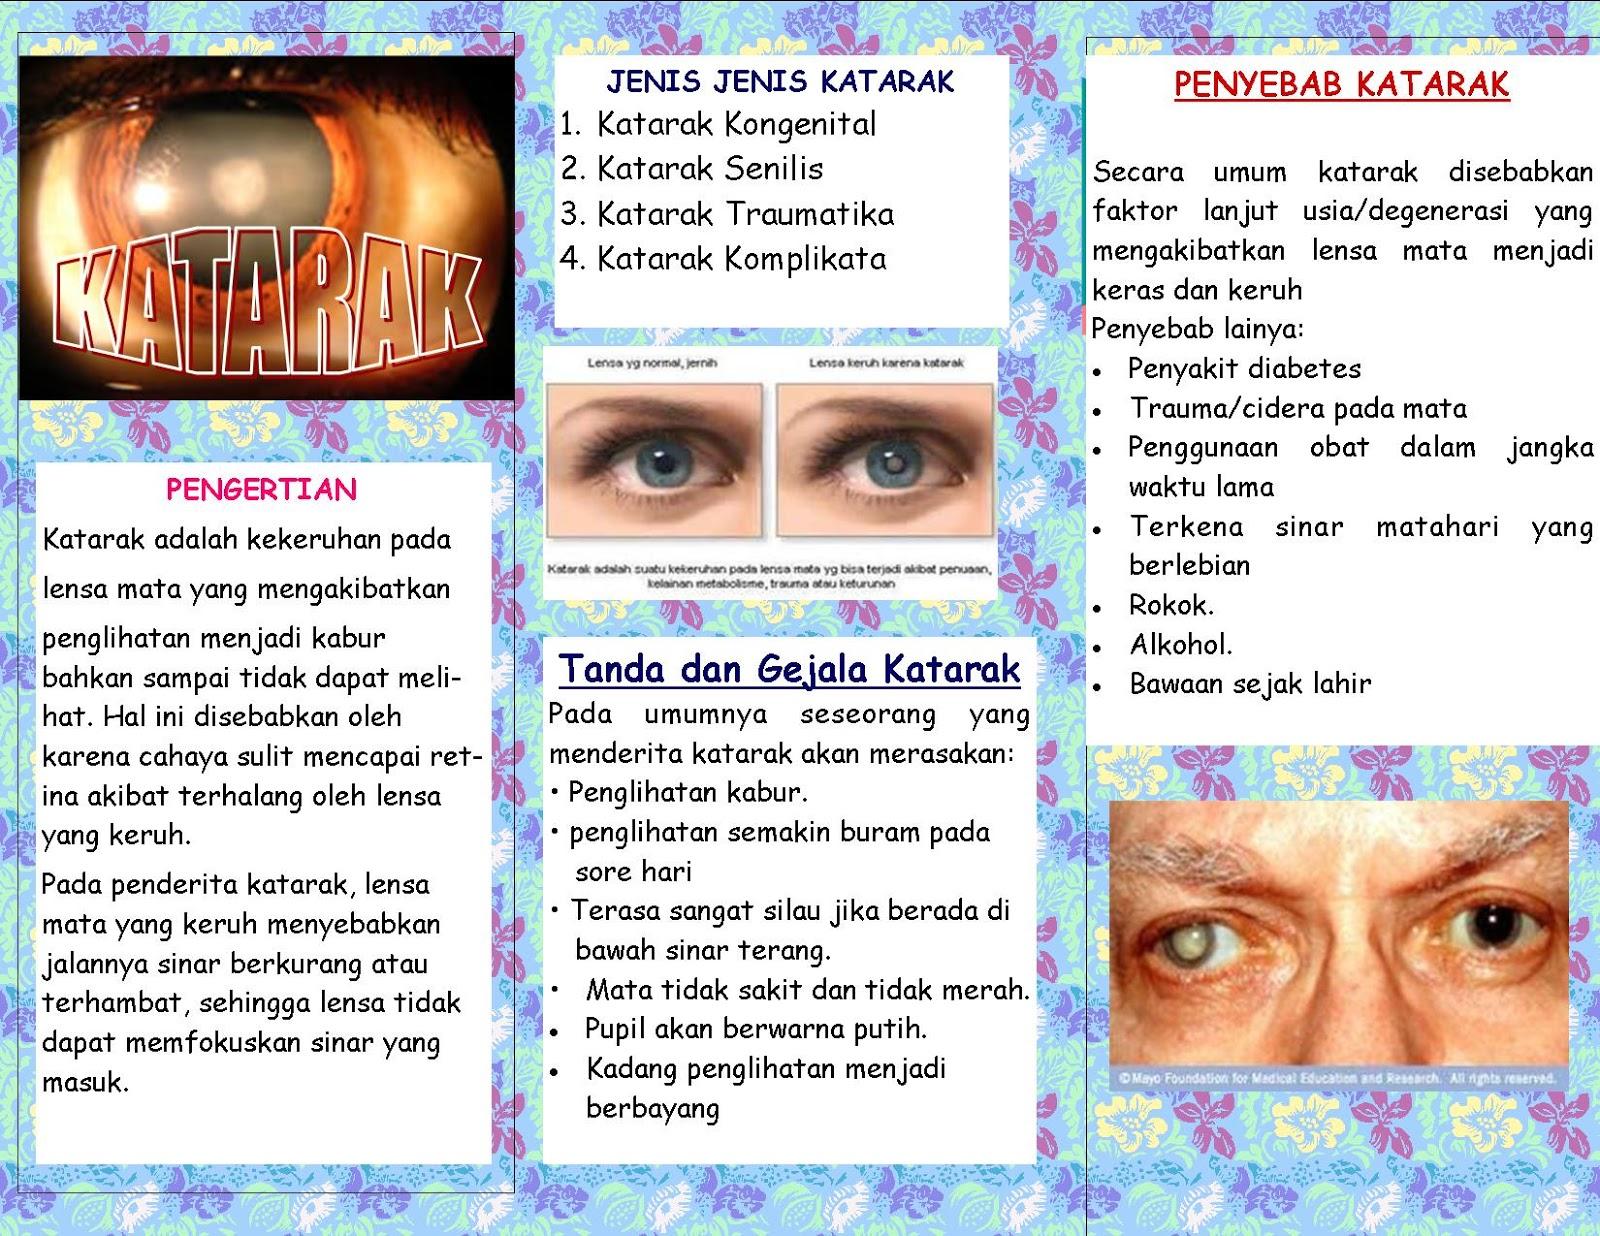 Www Wallpaper Com Free Download Hd Katarak Tattoo Design Bild